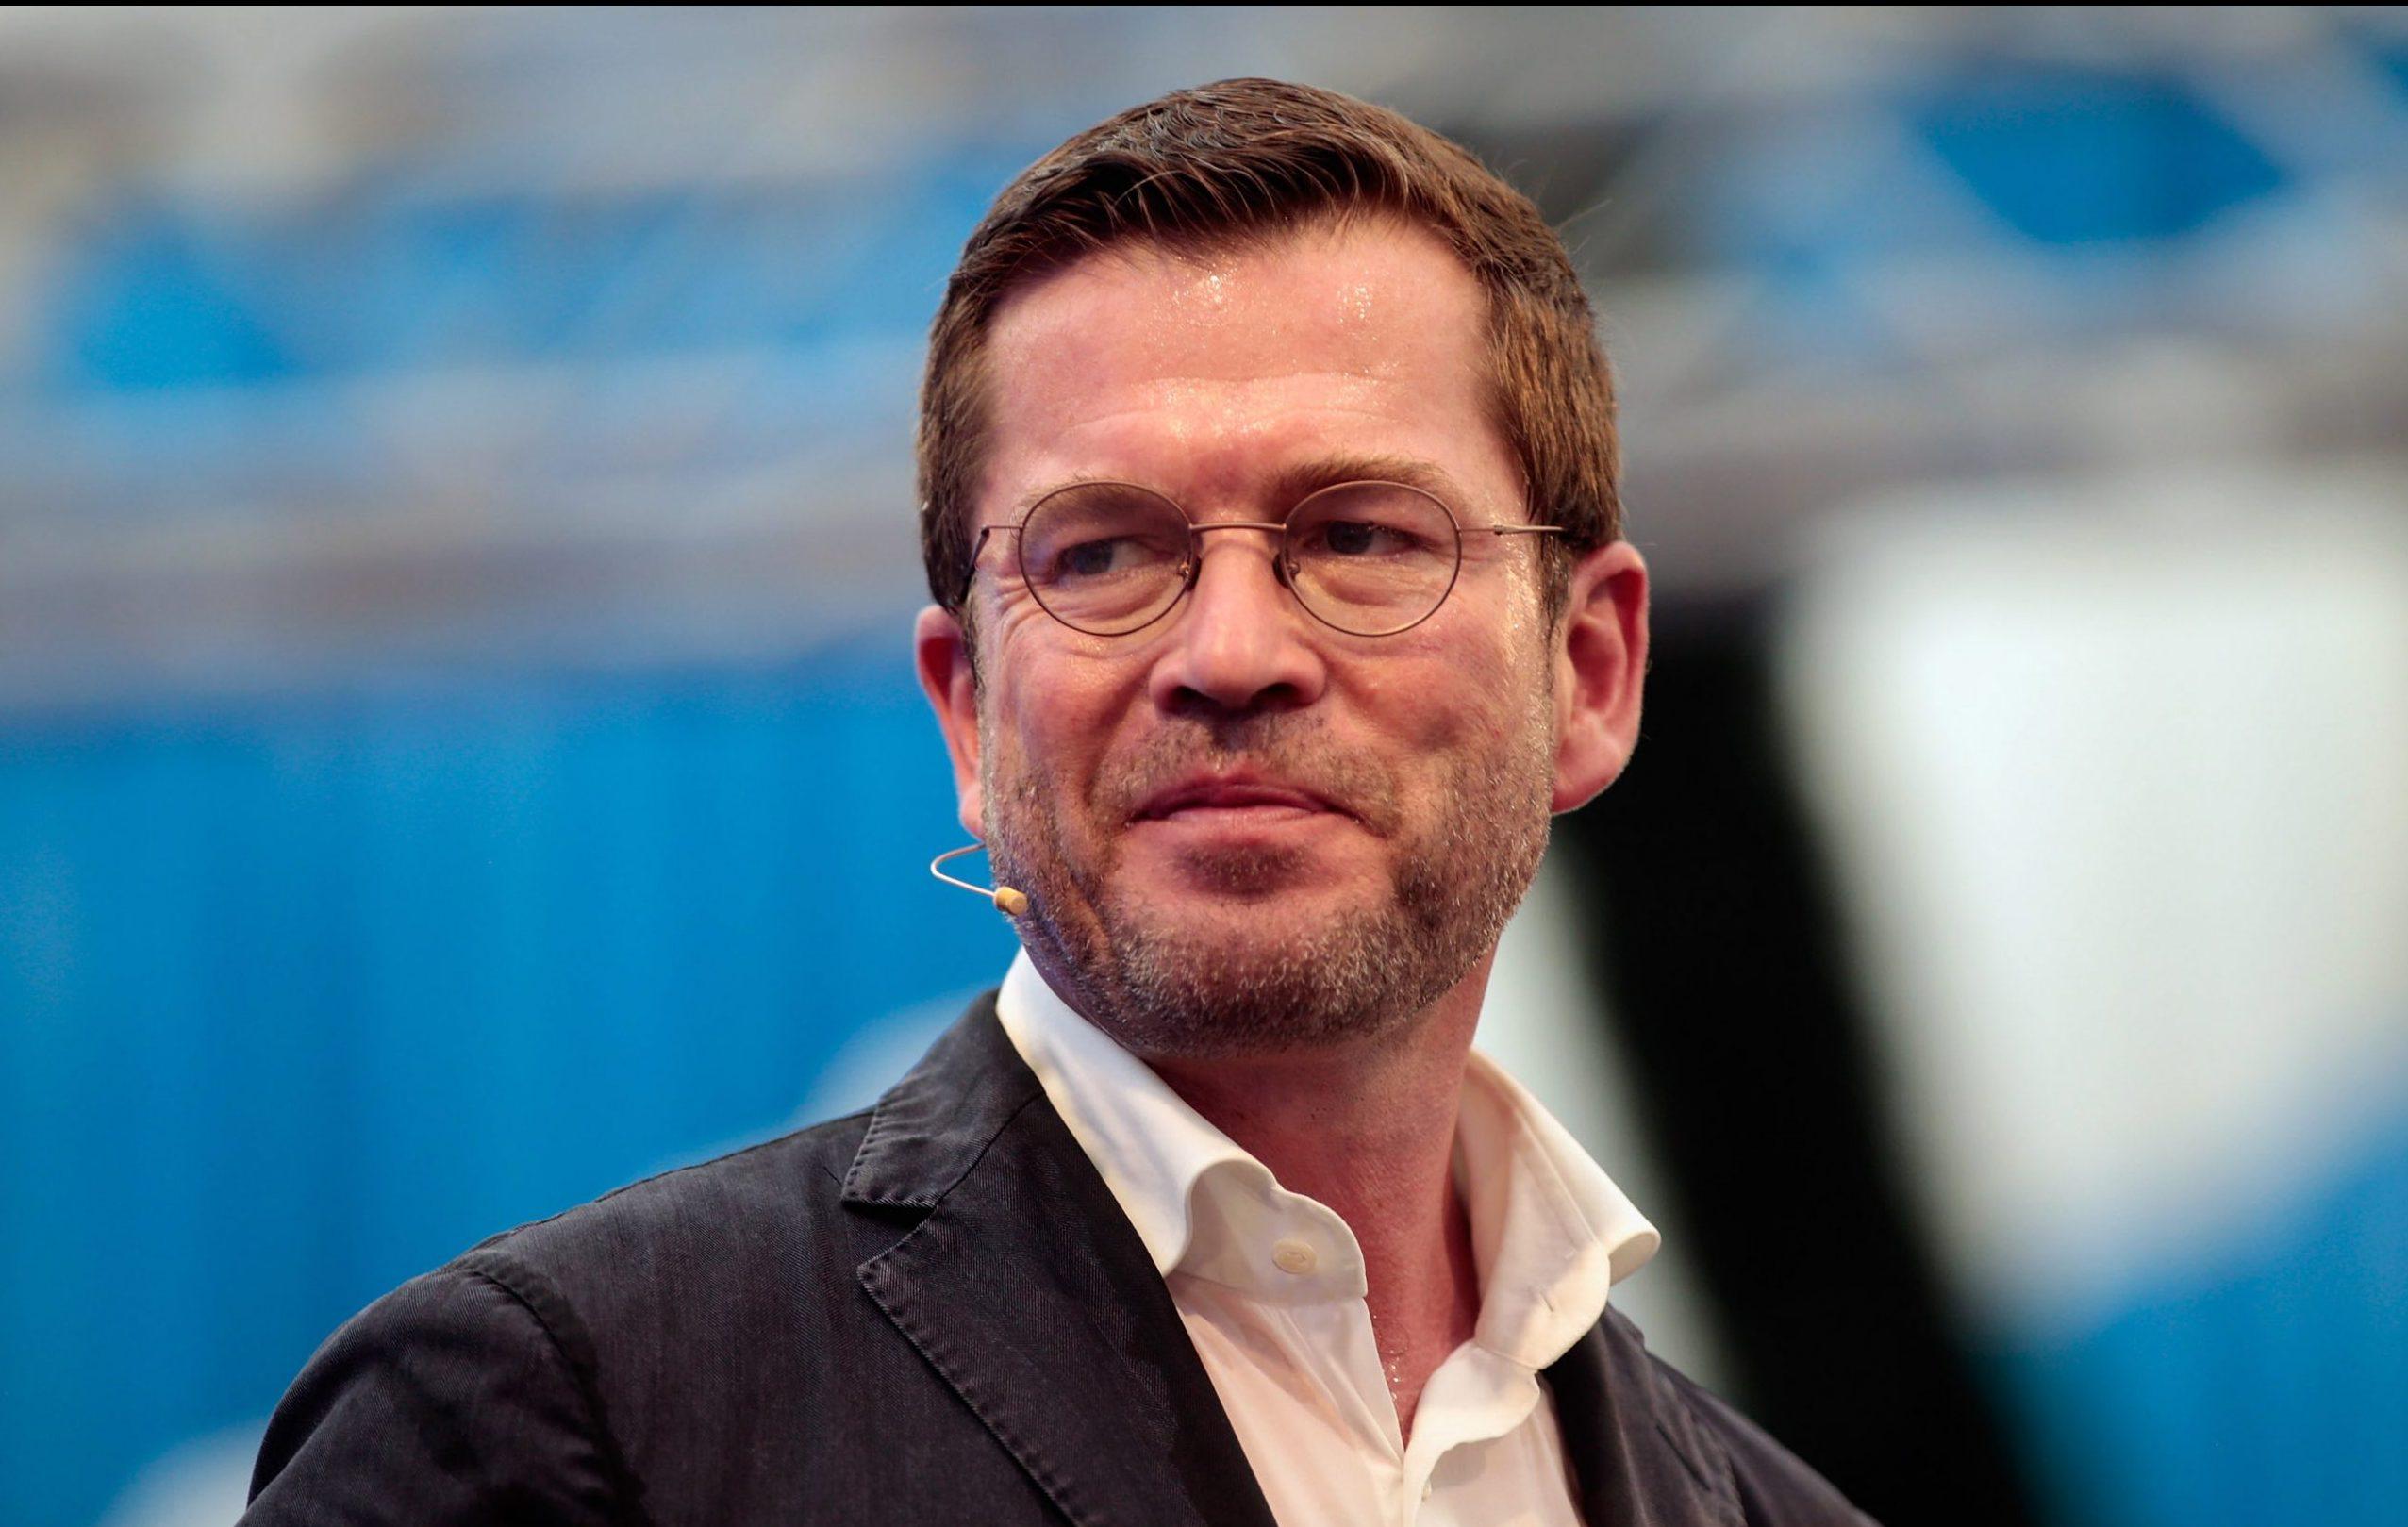 Neun Jahre nach Plagiatsaffäre: Karl-Theodor zu Guttenberg hat neuen Doktortitel